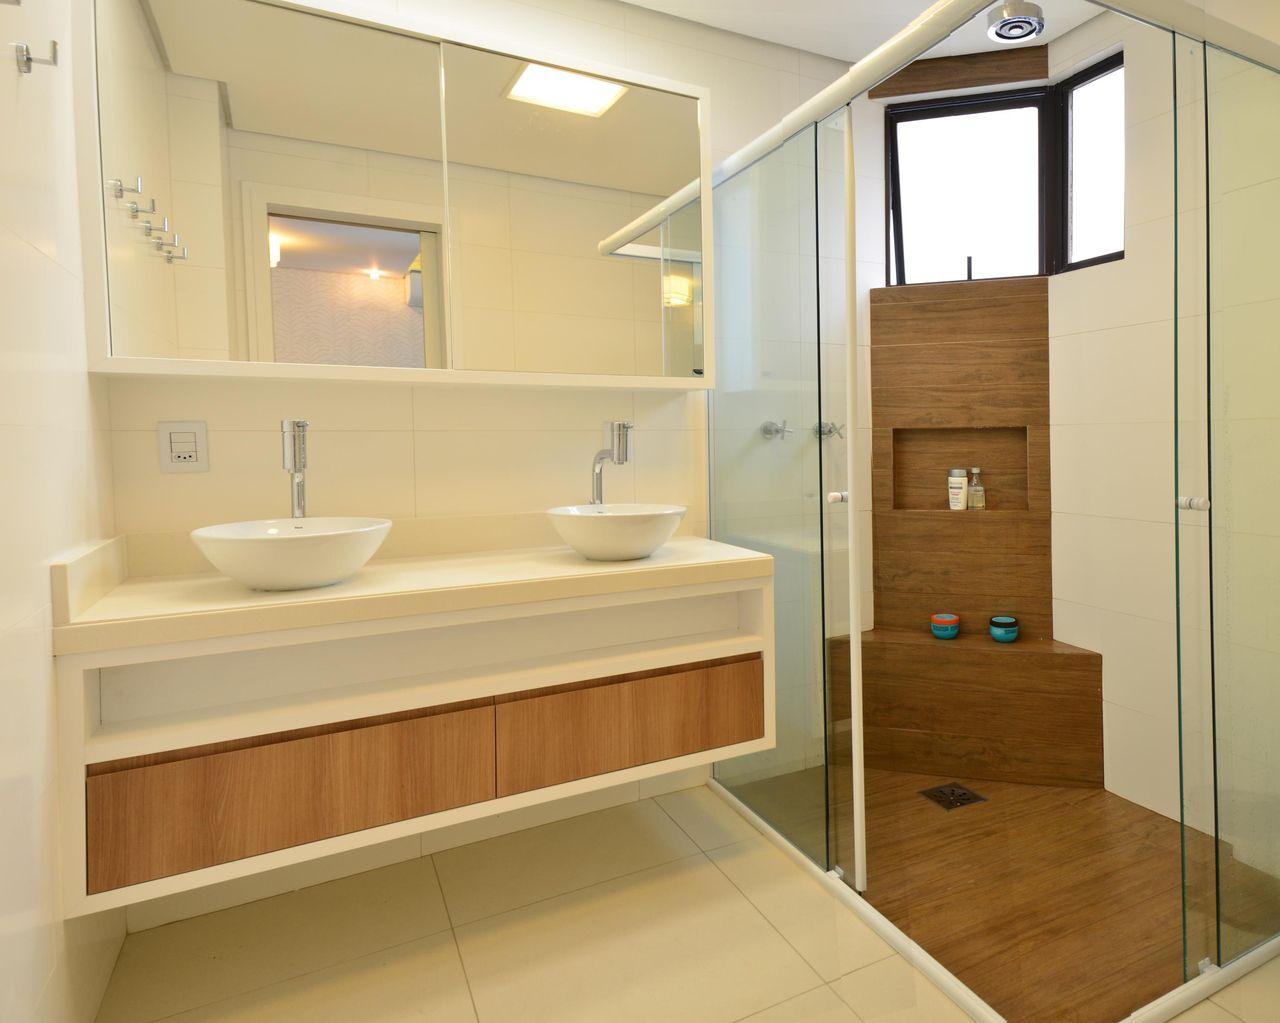 da20158c68 Decoração Banheiro com lavabo e duas cubas de Porcelana romaarquitetura  42334